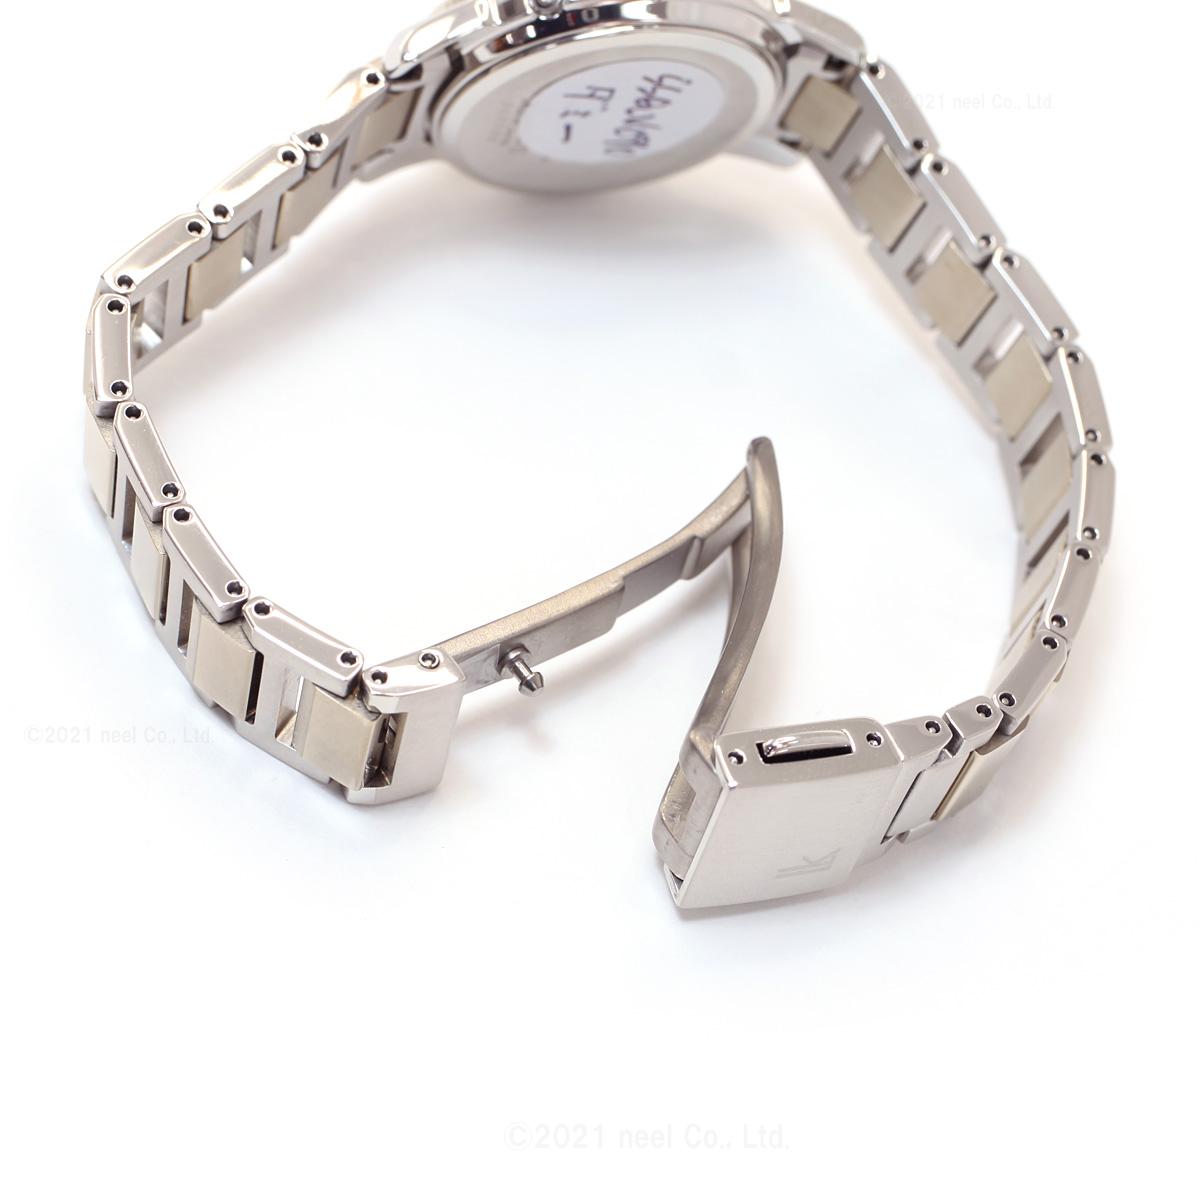 セイコー ルキア SEIKO LUKIA 電波 ソーラー 腕時計 レディース アイ コレクション 2021 限定モデル I COLLECTION 池田エライザ イメージキャラクター SSQV090